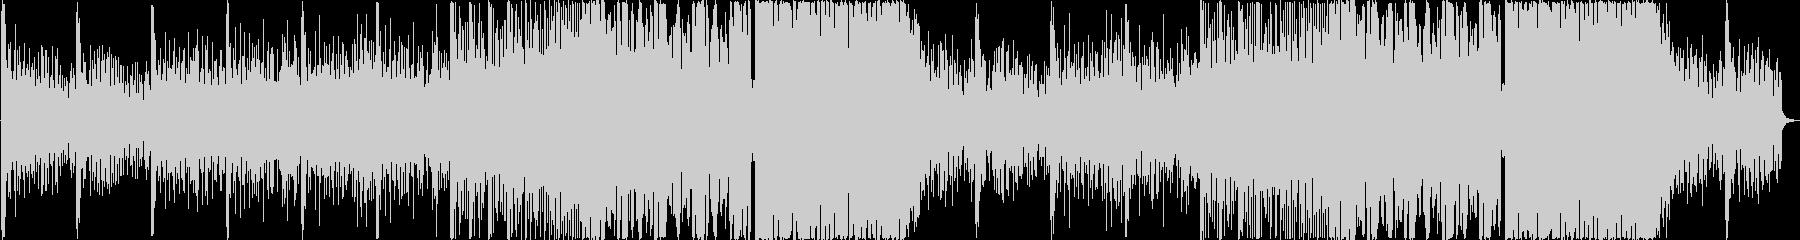 カワイイフューチャーベース風シリーズの2の未再生の波形